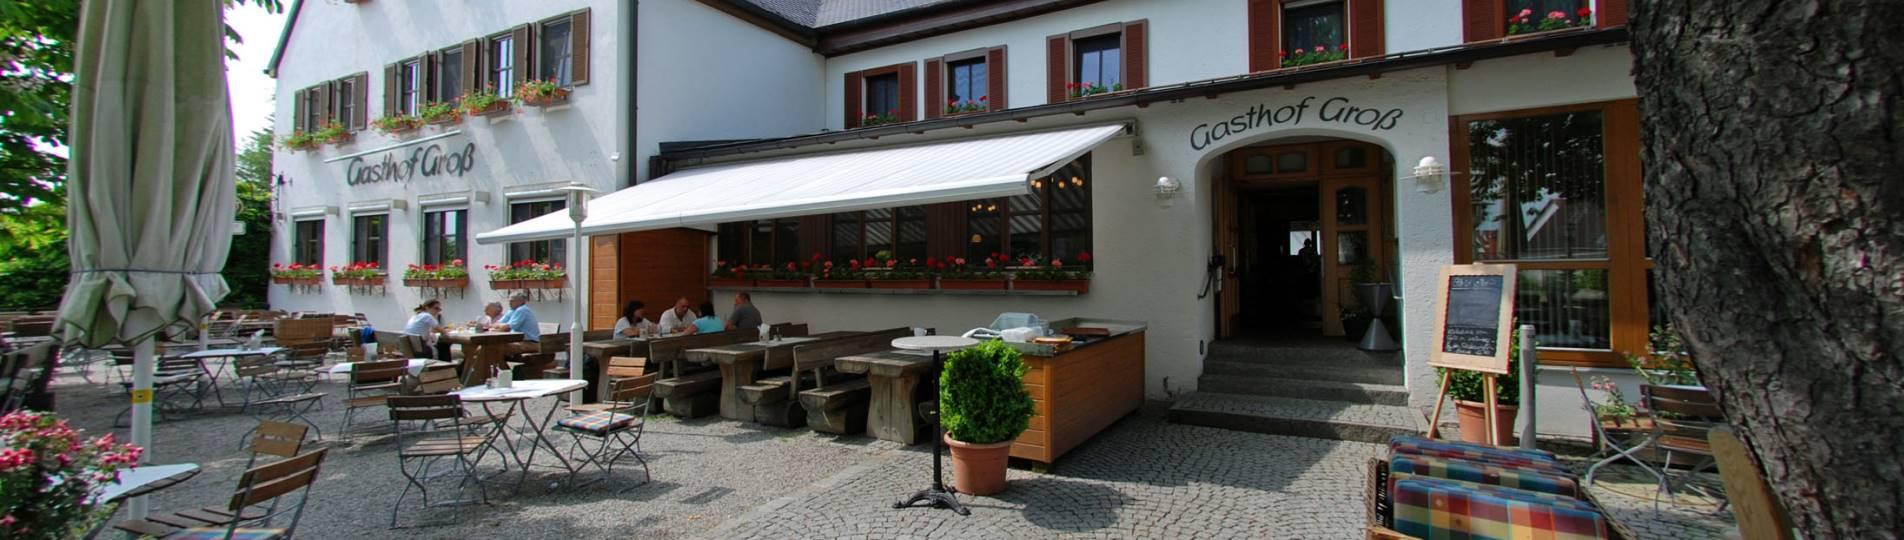 Hotel Gasthof Gross Bergkirchen Muhlstr 2 Index